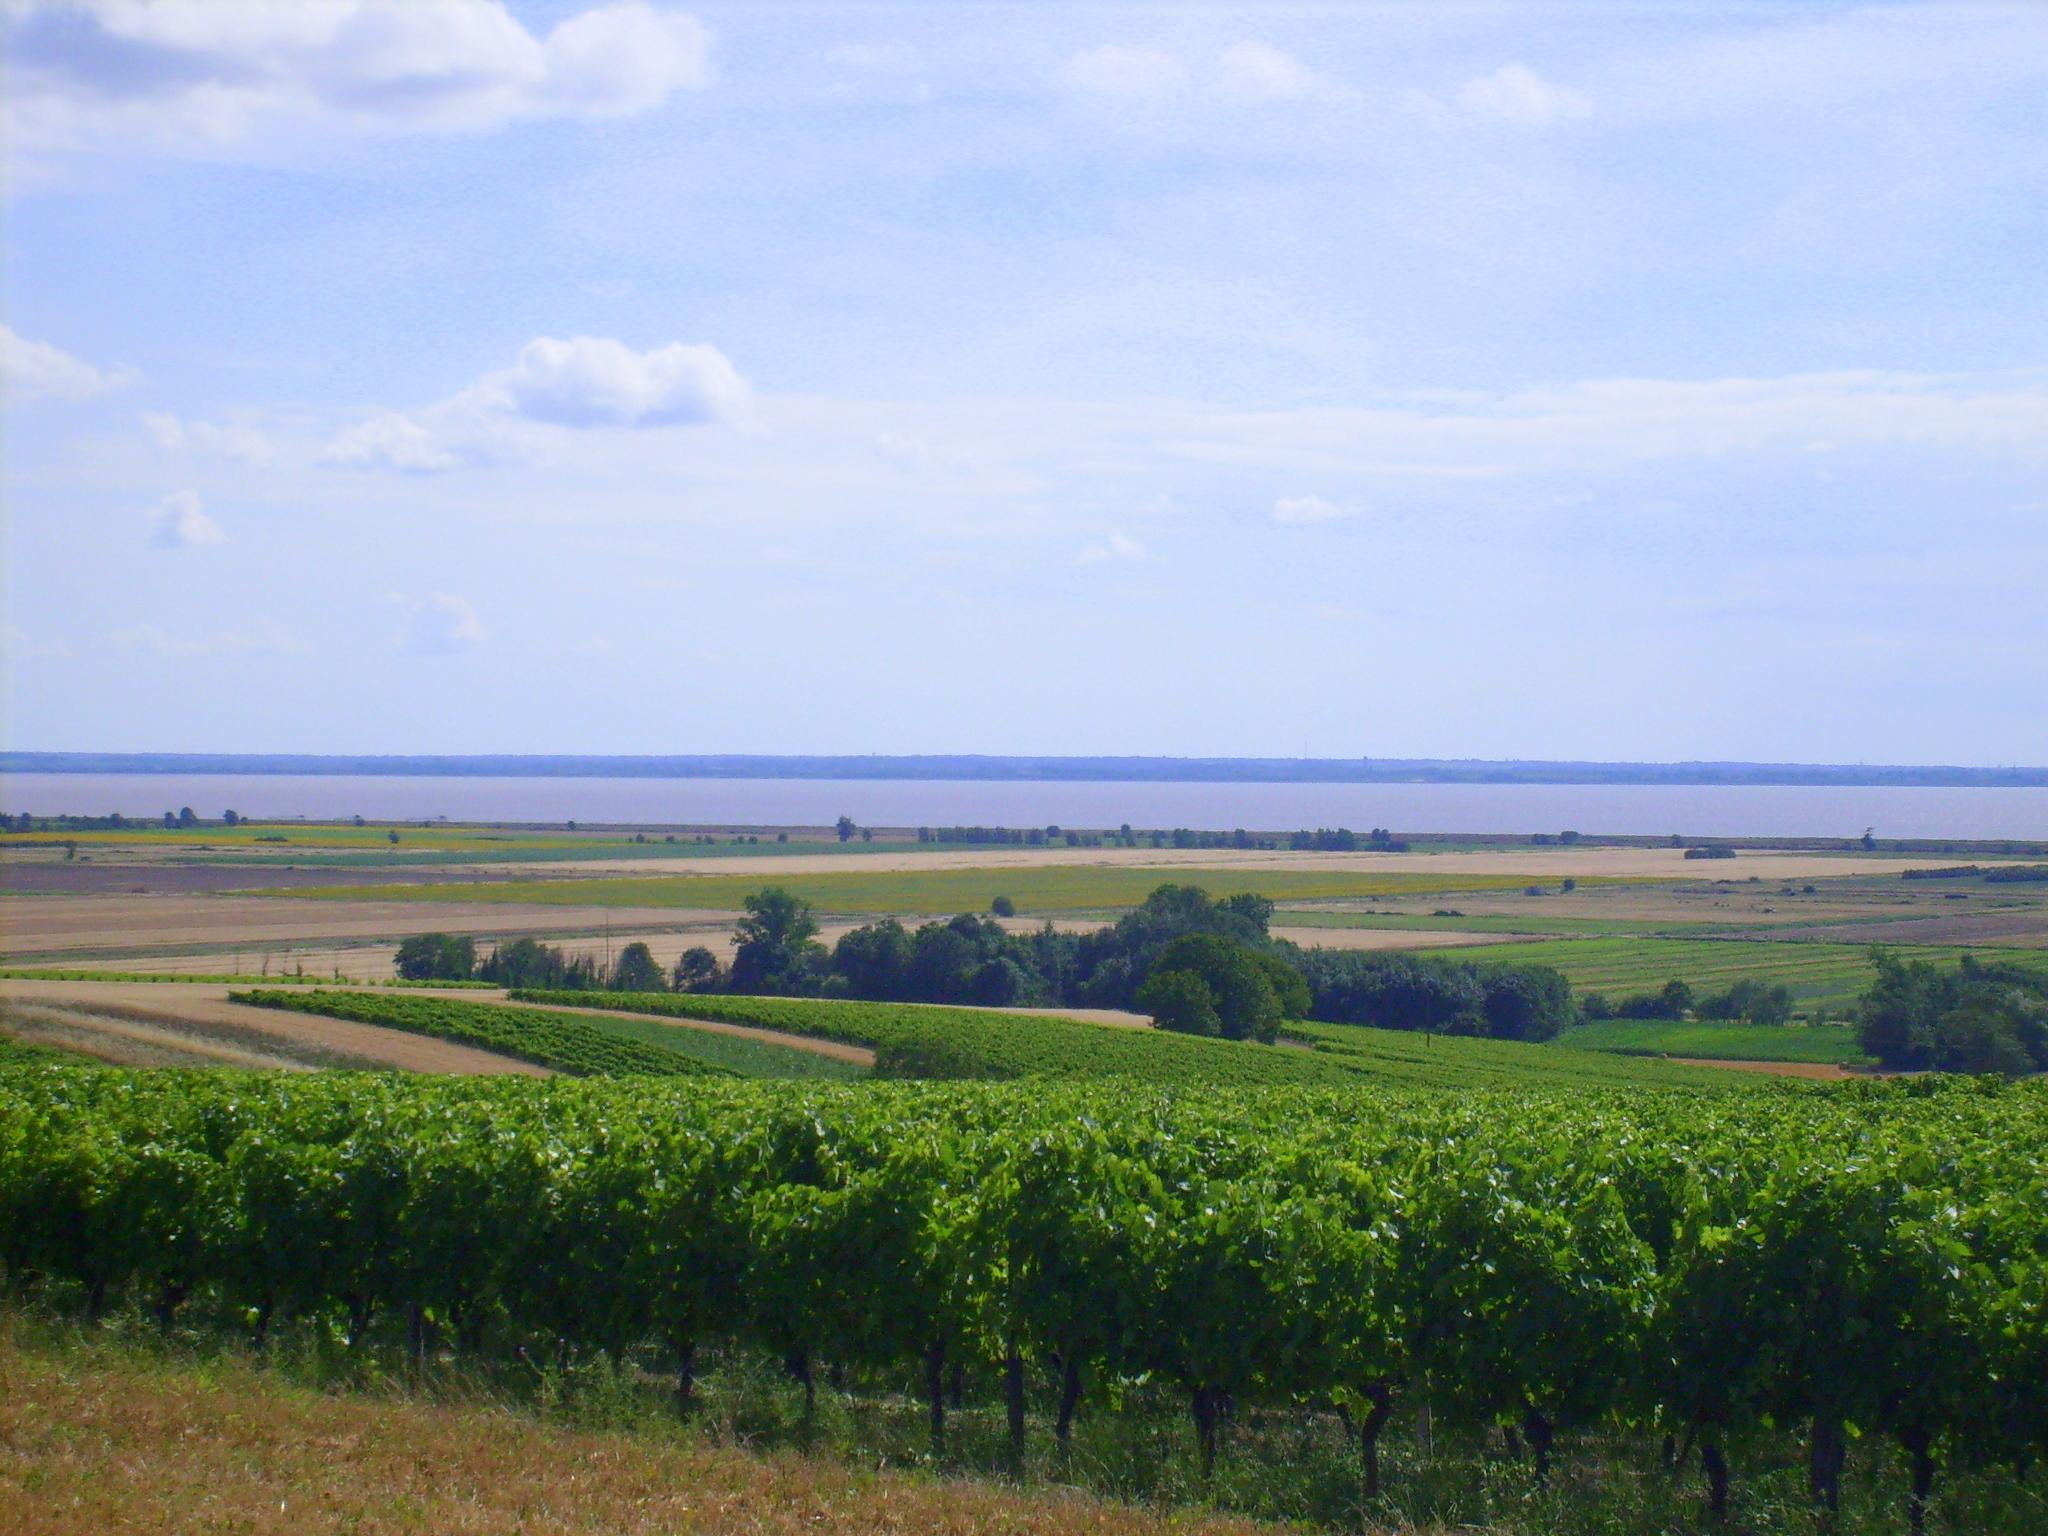 """Résultat de recherche d'images pour """"Saint-Bonnet-sur-Gironde"""""""